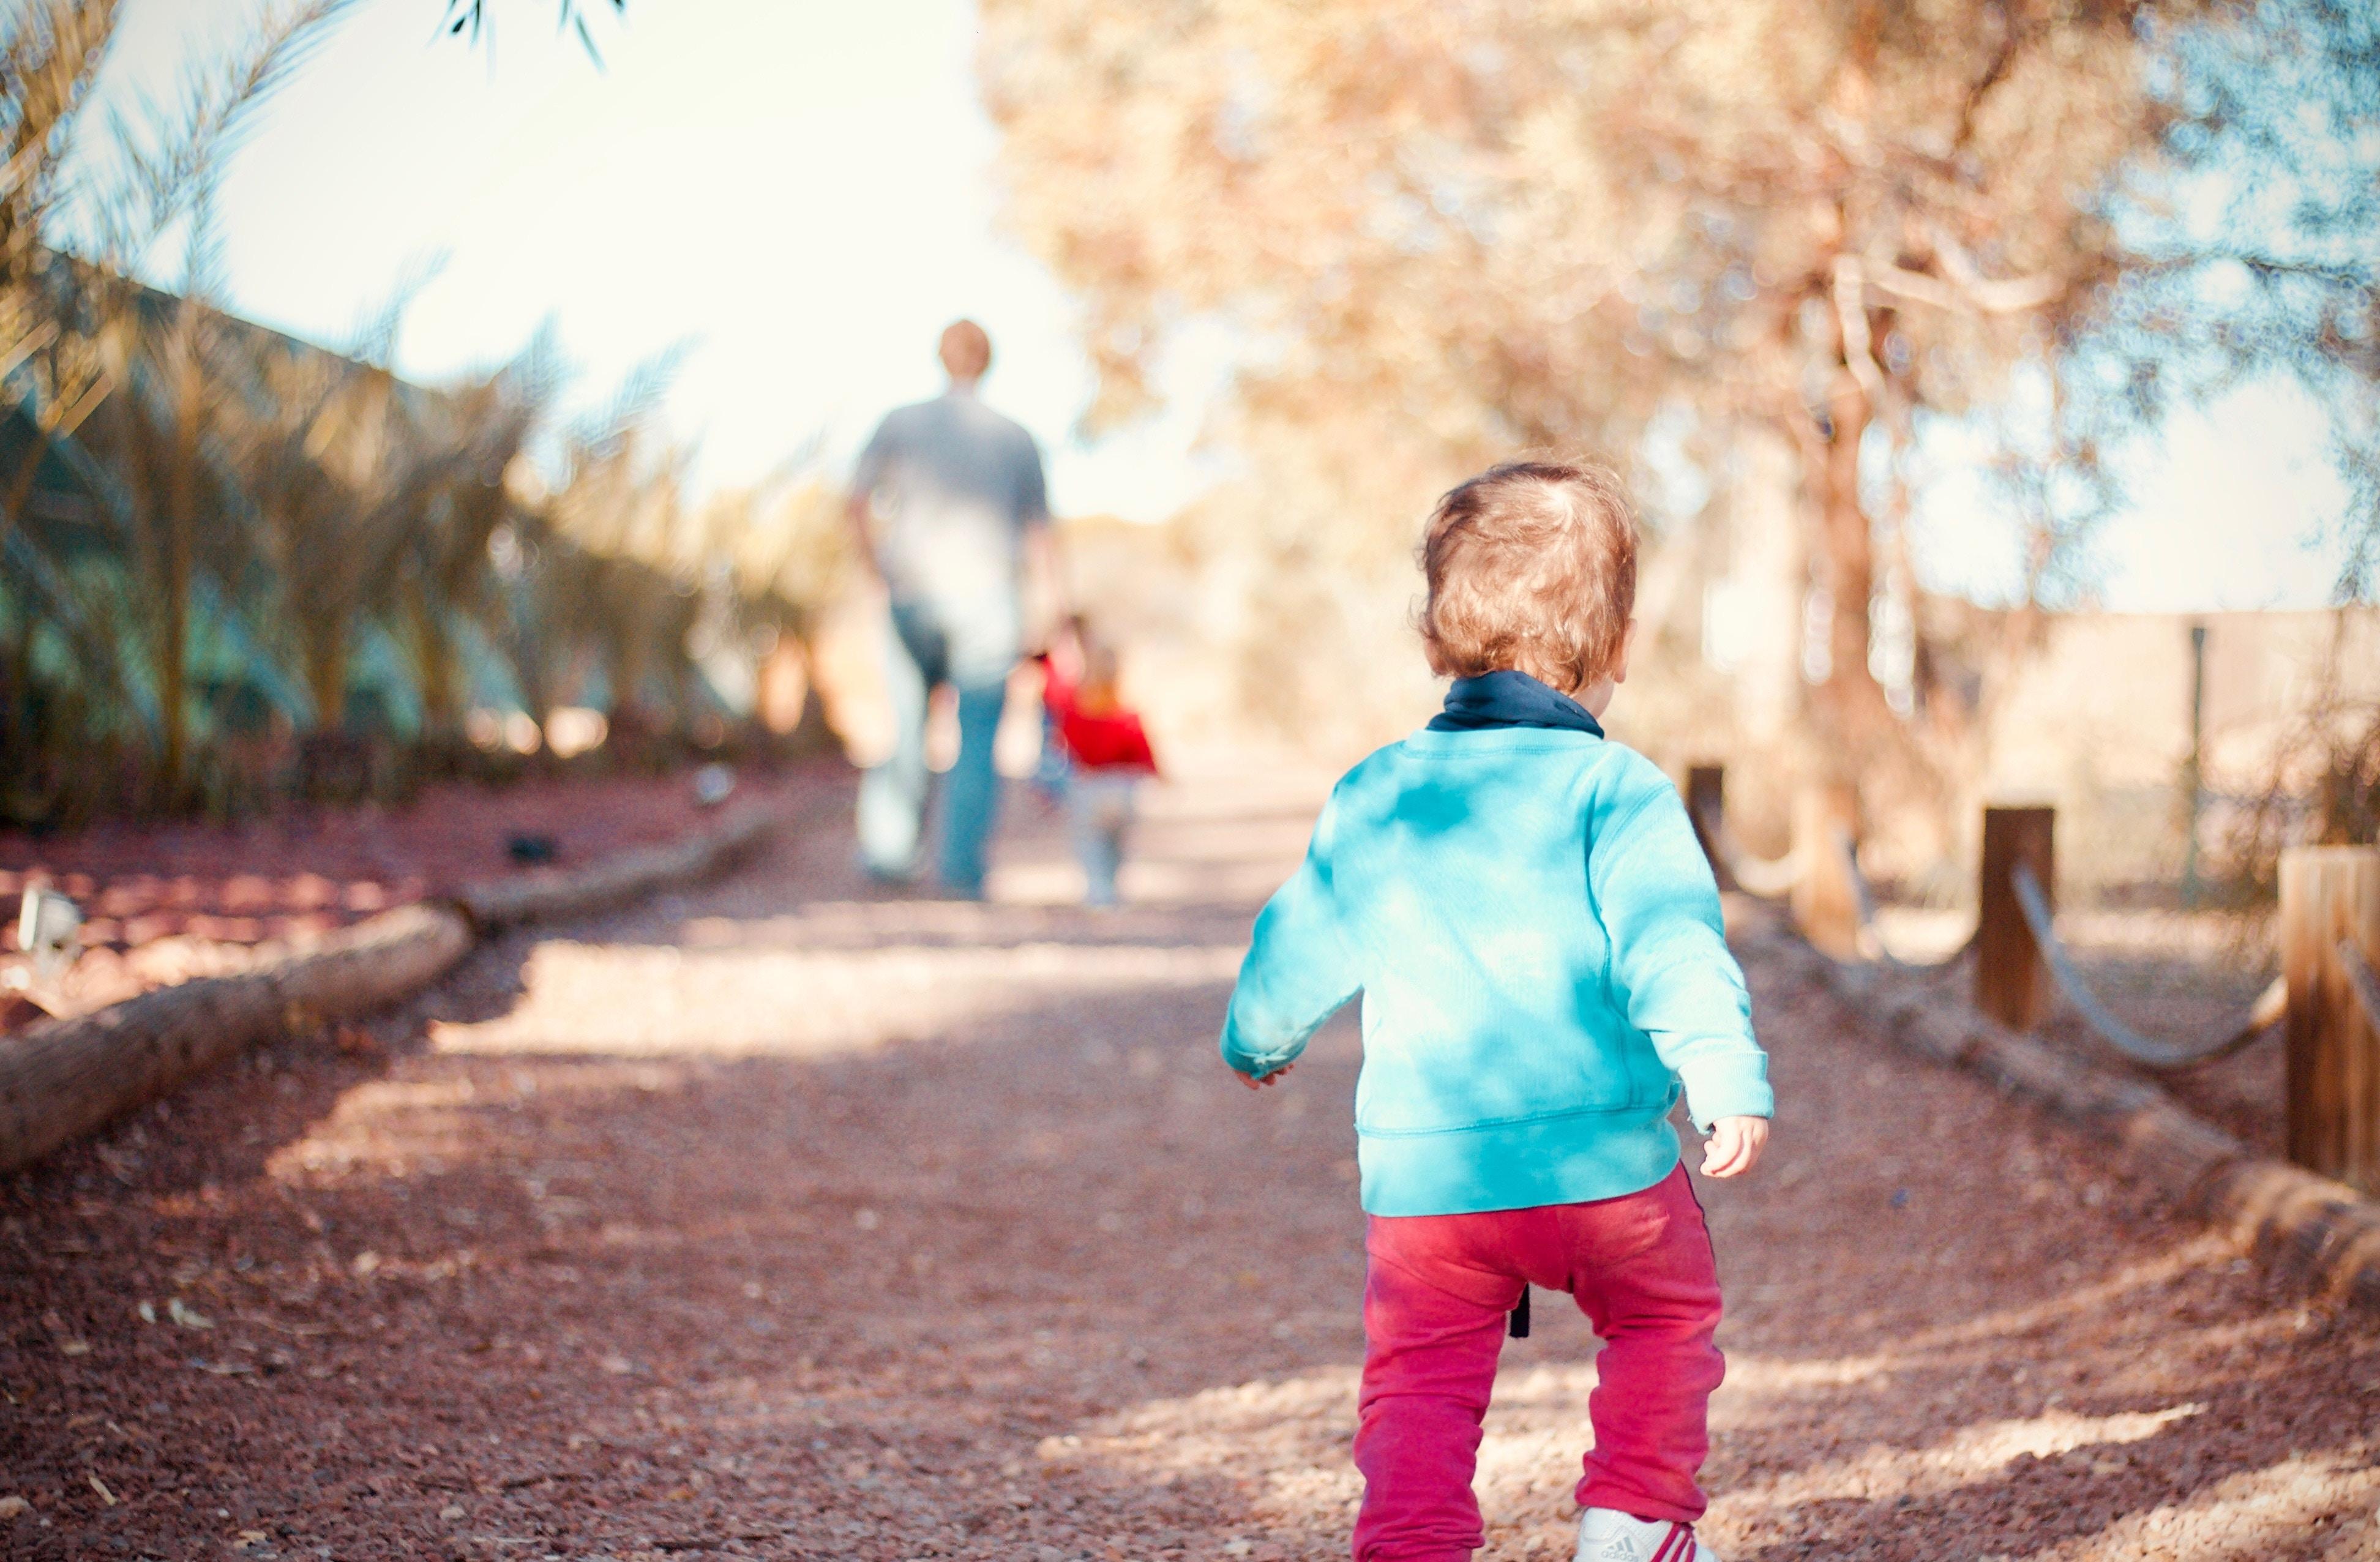 enfant, nouvelle maman, vie sociale avec un enfant, problèmes couple